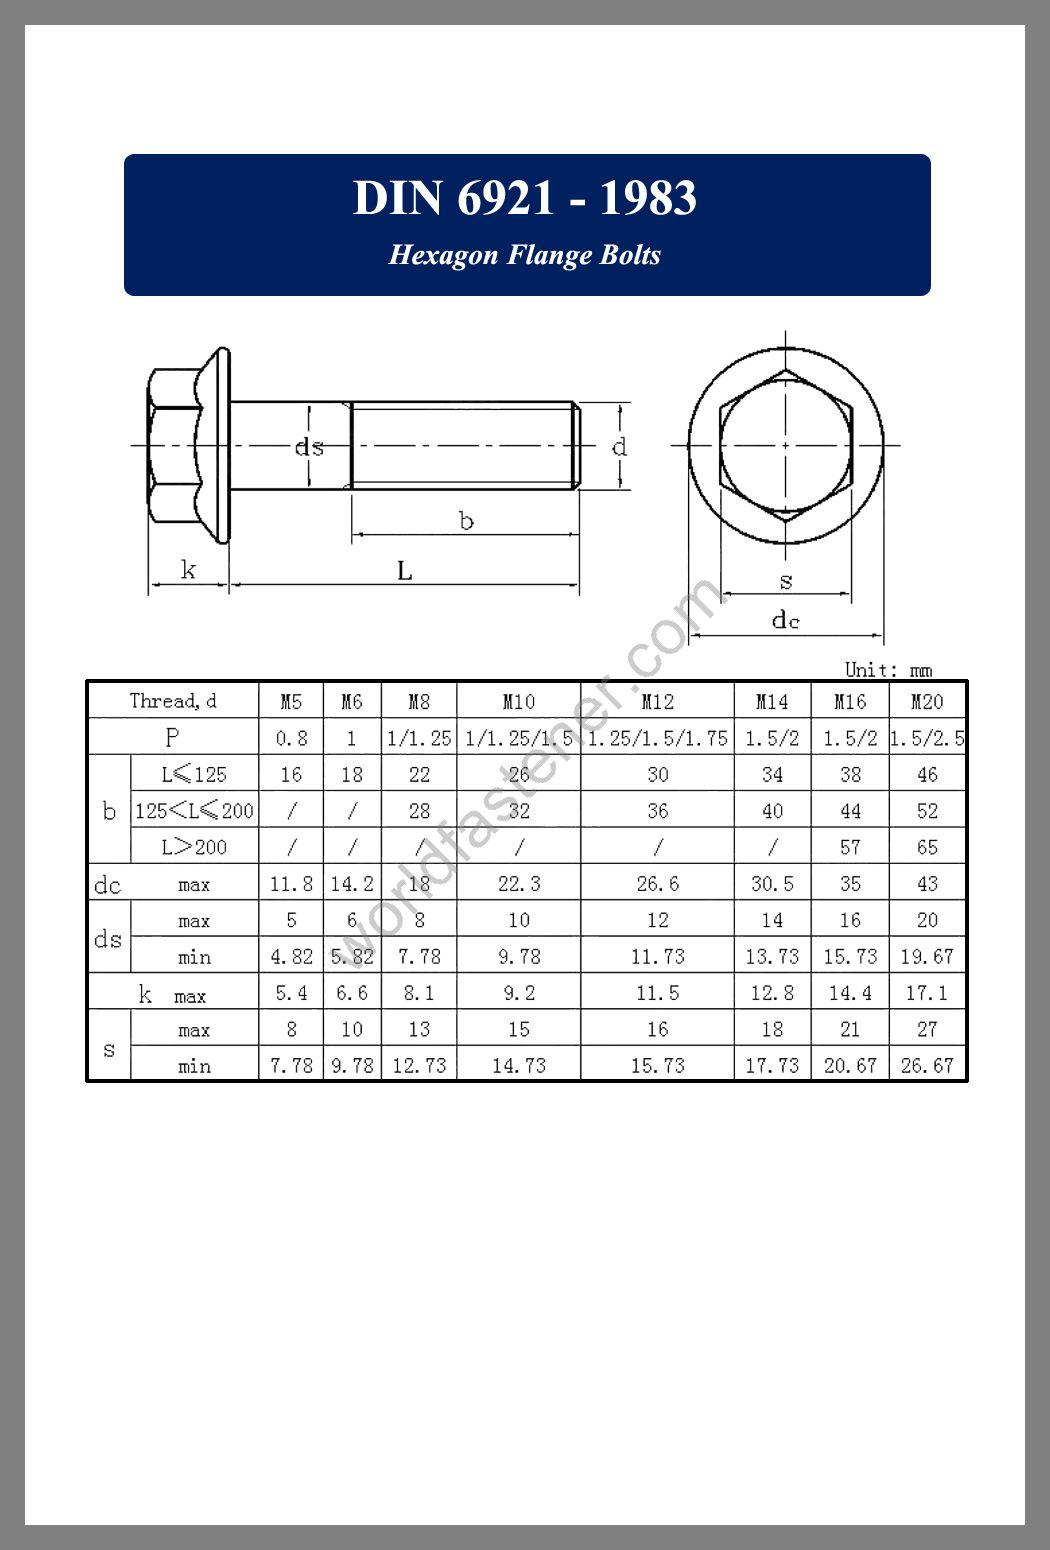 DIN 6921 Hexagon Flange Bolts, DIN 6921, Flanged Bolts, Flange screws, fastener, screw, bolt, ASME bolts, ANSI screws